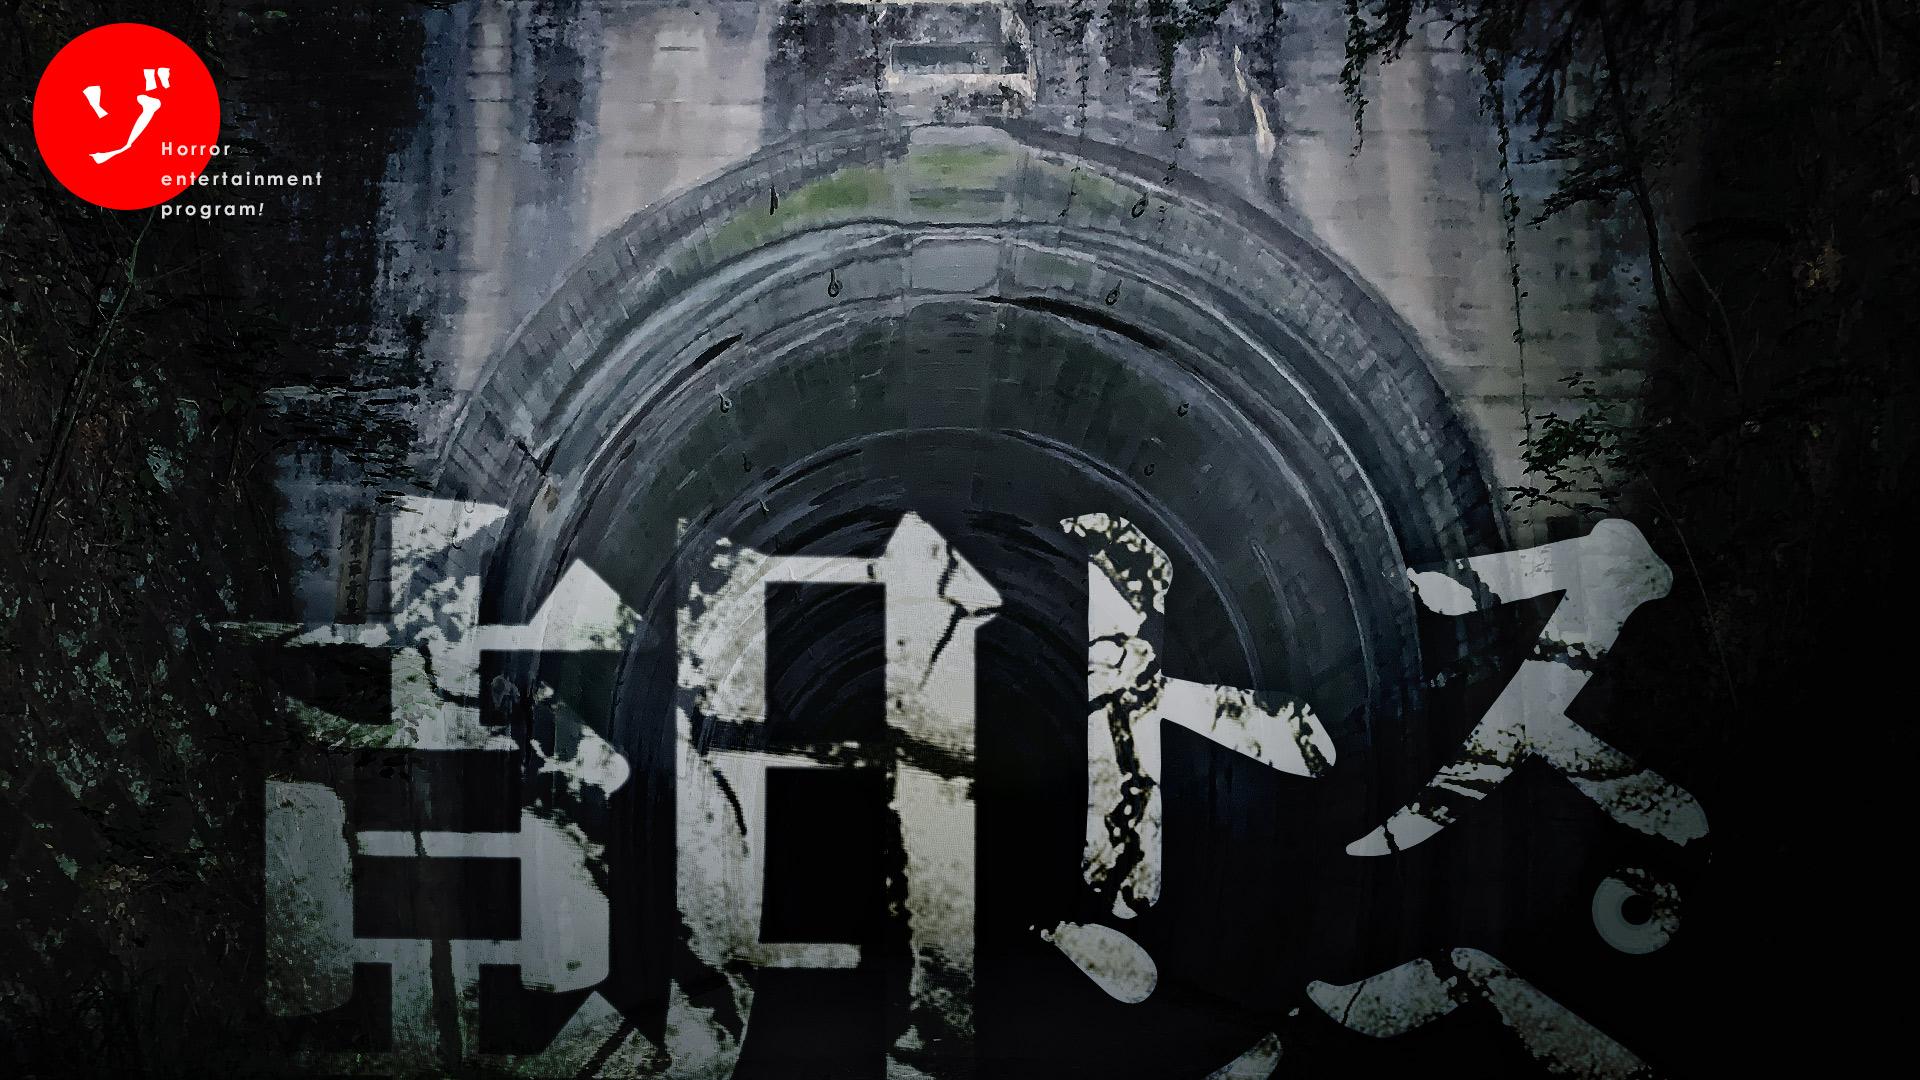 セカンドシーズン第11回「朝鮮トンネルスペシャル[前編]」第12回「朝鮮トンネルスペシャル[後編]」が2020年7/31(金)、2020年8/7(金)ぞれぞれ18時より2週連続の配信が決定。完成ほやほやの前編サムネイルも解禁。